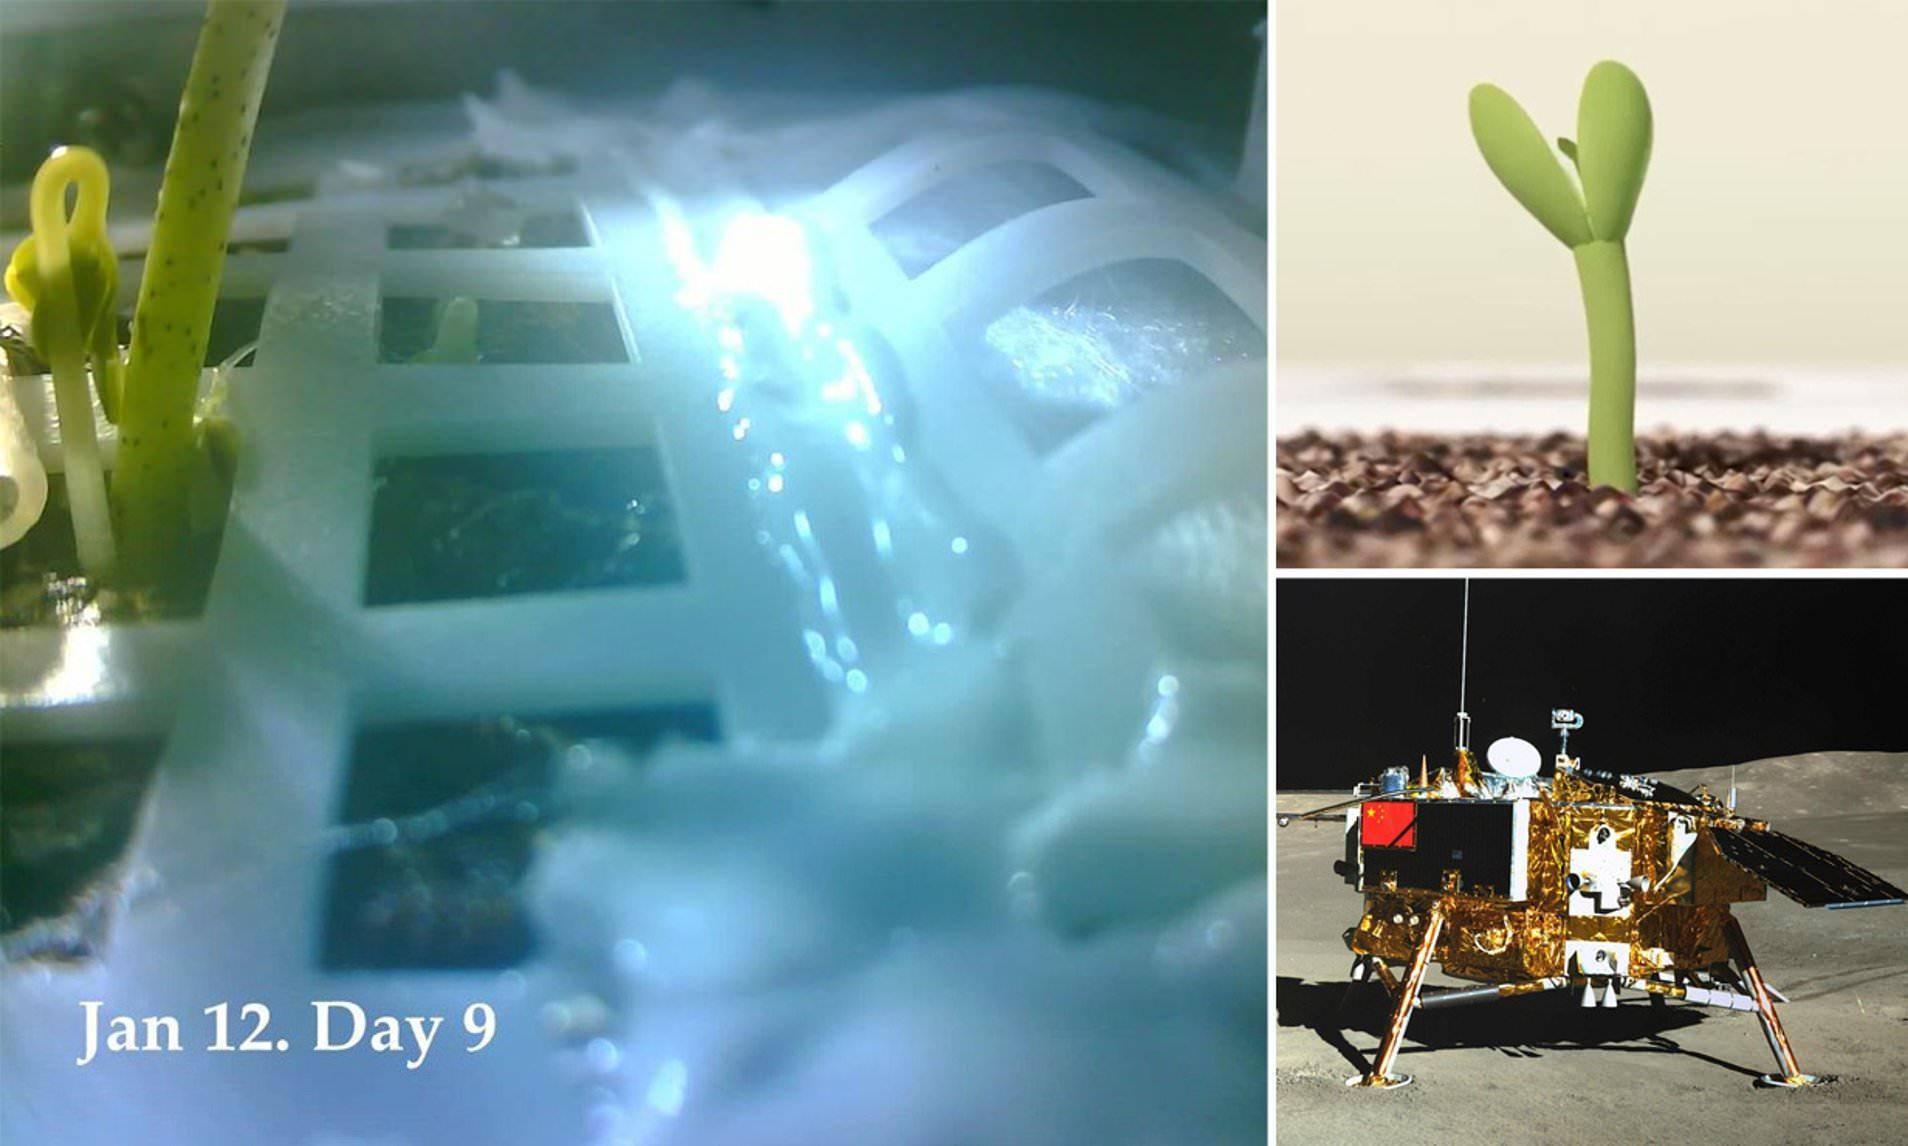 在月亮上,我国种的第一株植物发芽啦,那么,这意味着什么呢?